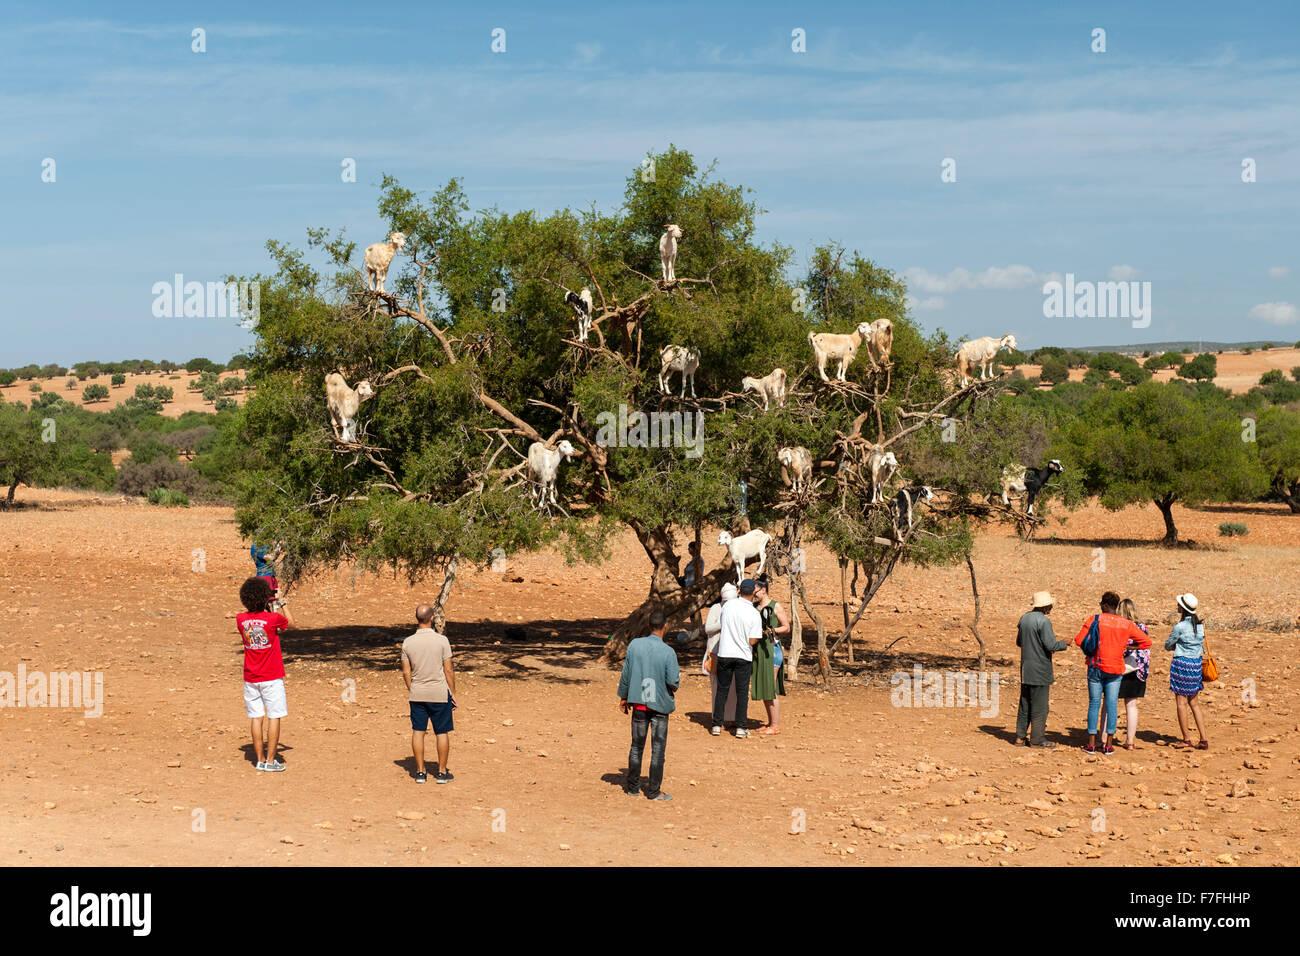 Las cabras en un árbol en la carretera de Marrakech a Essaouira en Marruecos. Imagen De Stock